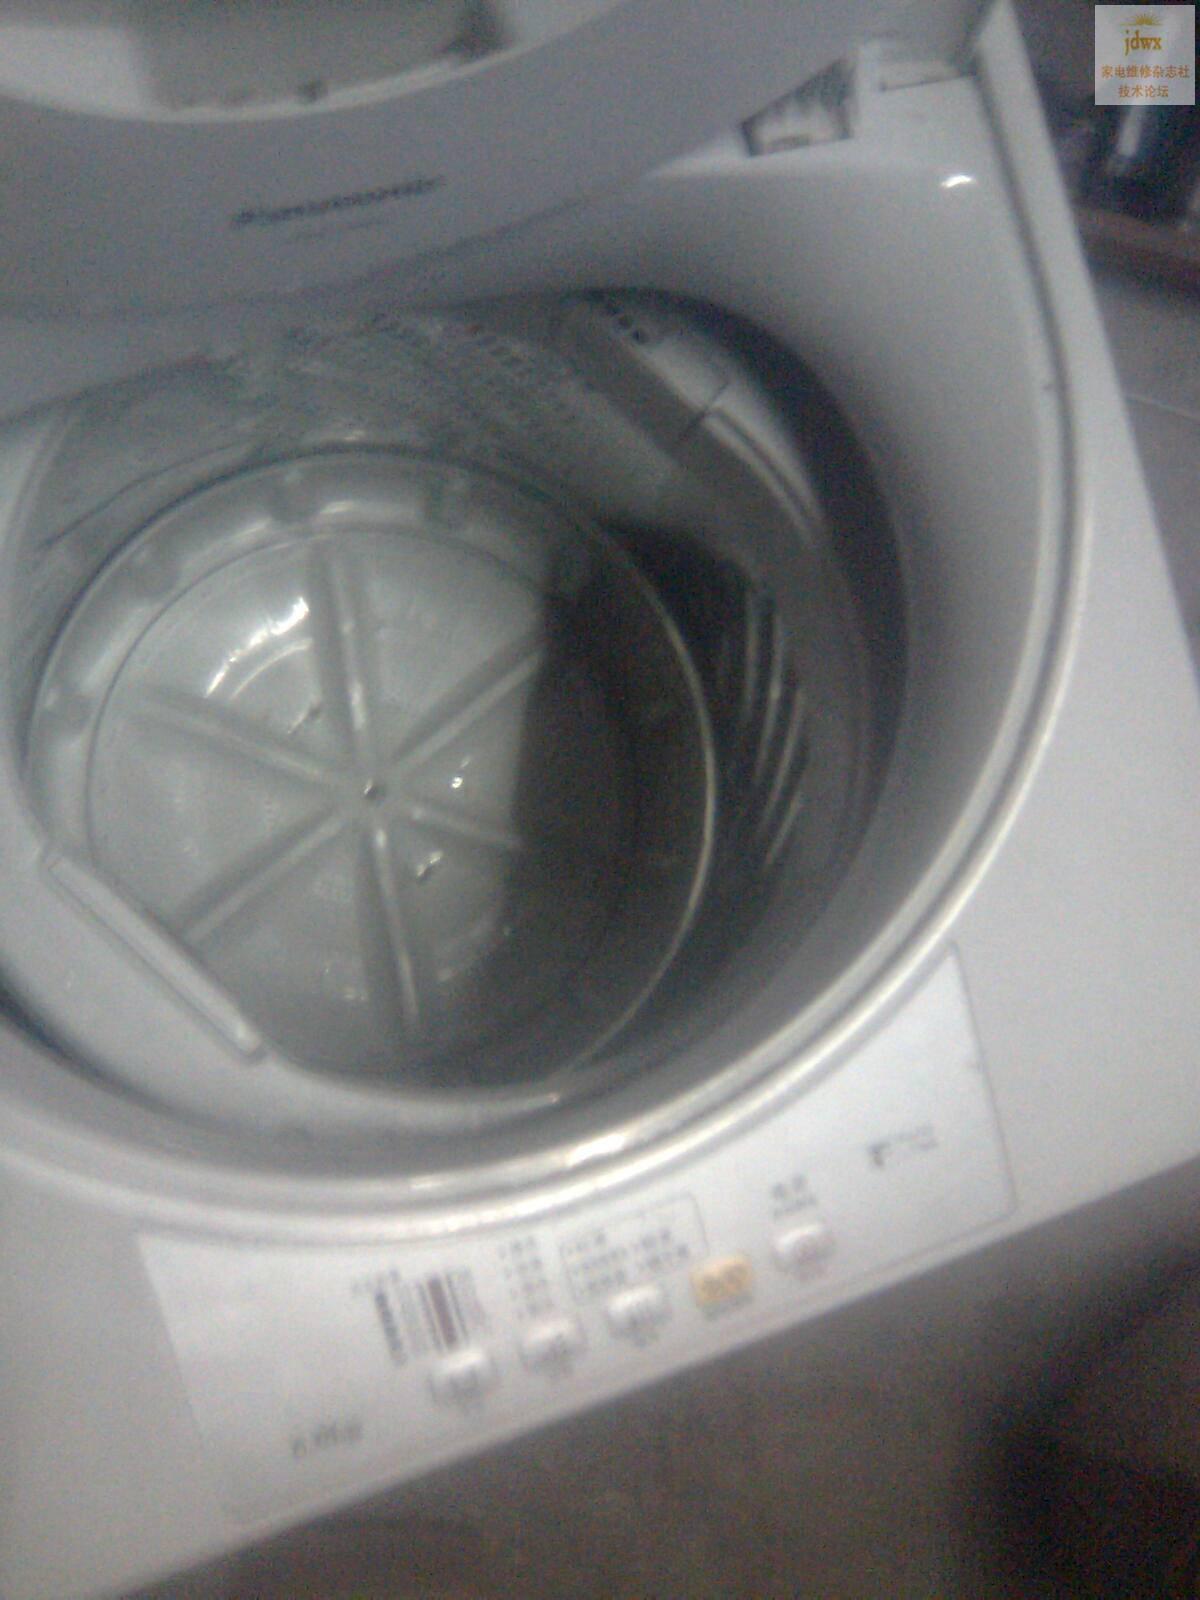 松下全自动洗衣机,离合器坏